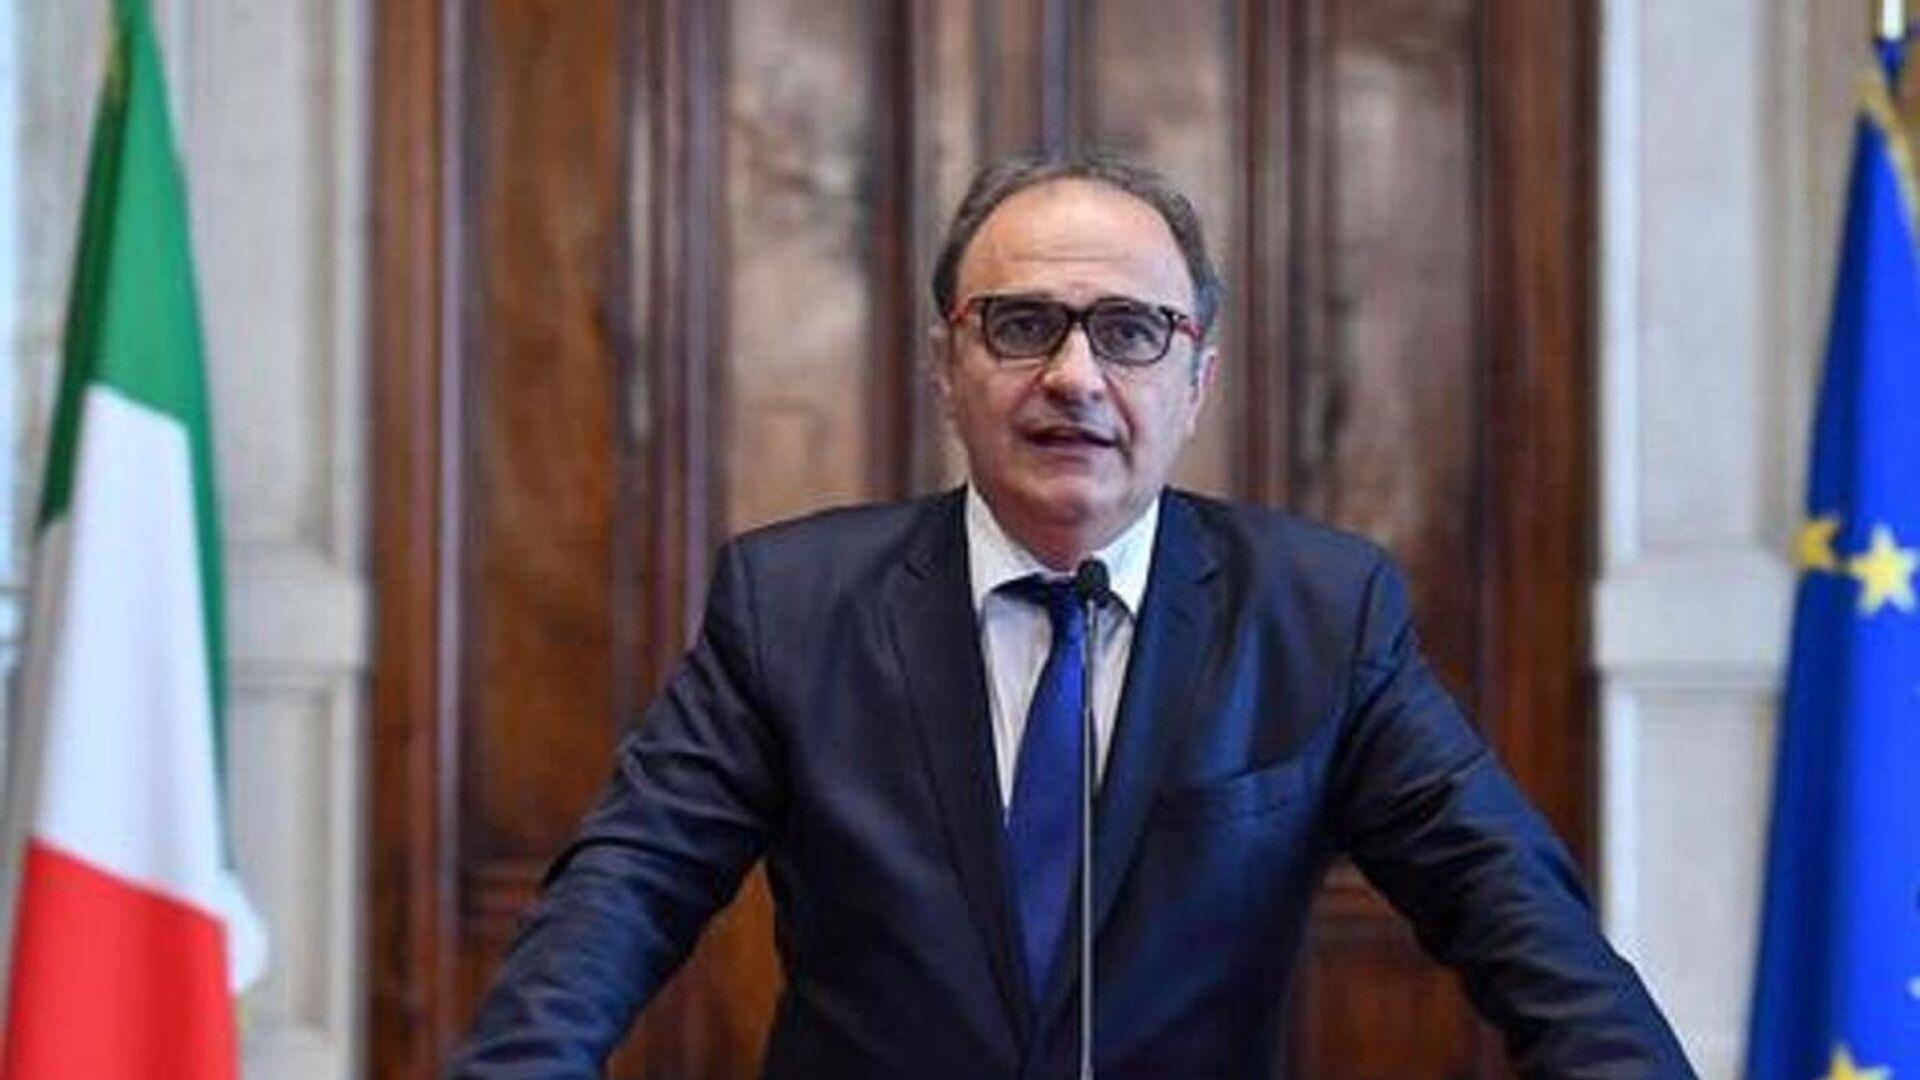 Senatore Ricardo Merlo, presidente MAIE (Movimento Associativo Italiani All'Estero) - Sputnik Italia, 1920, 05.08.2021